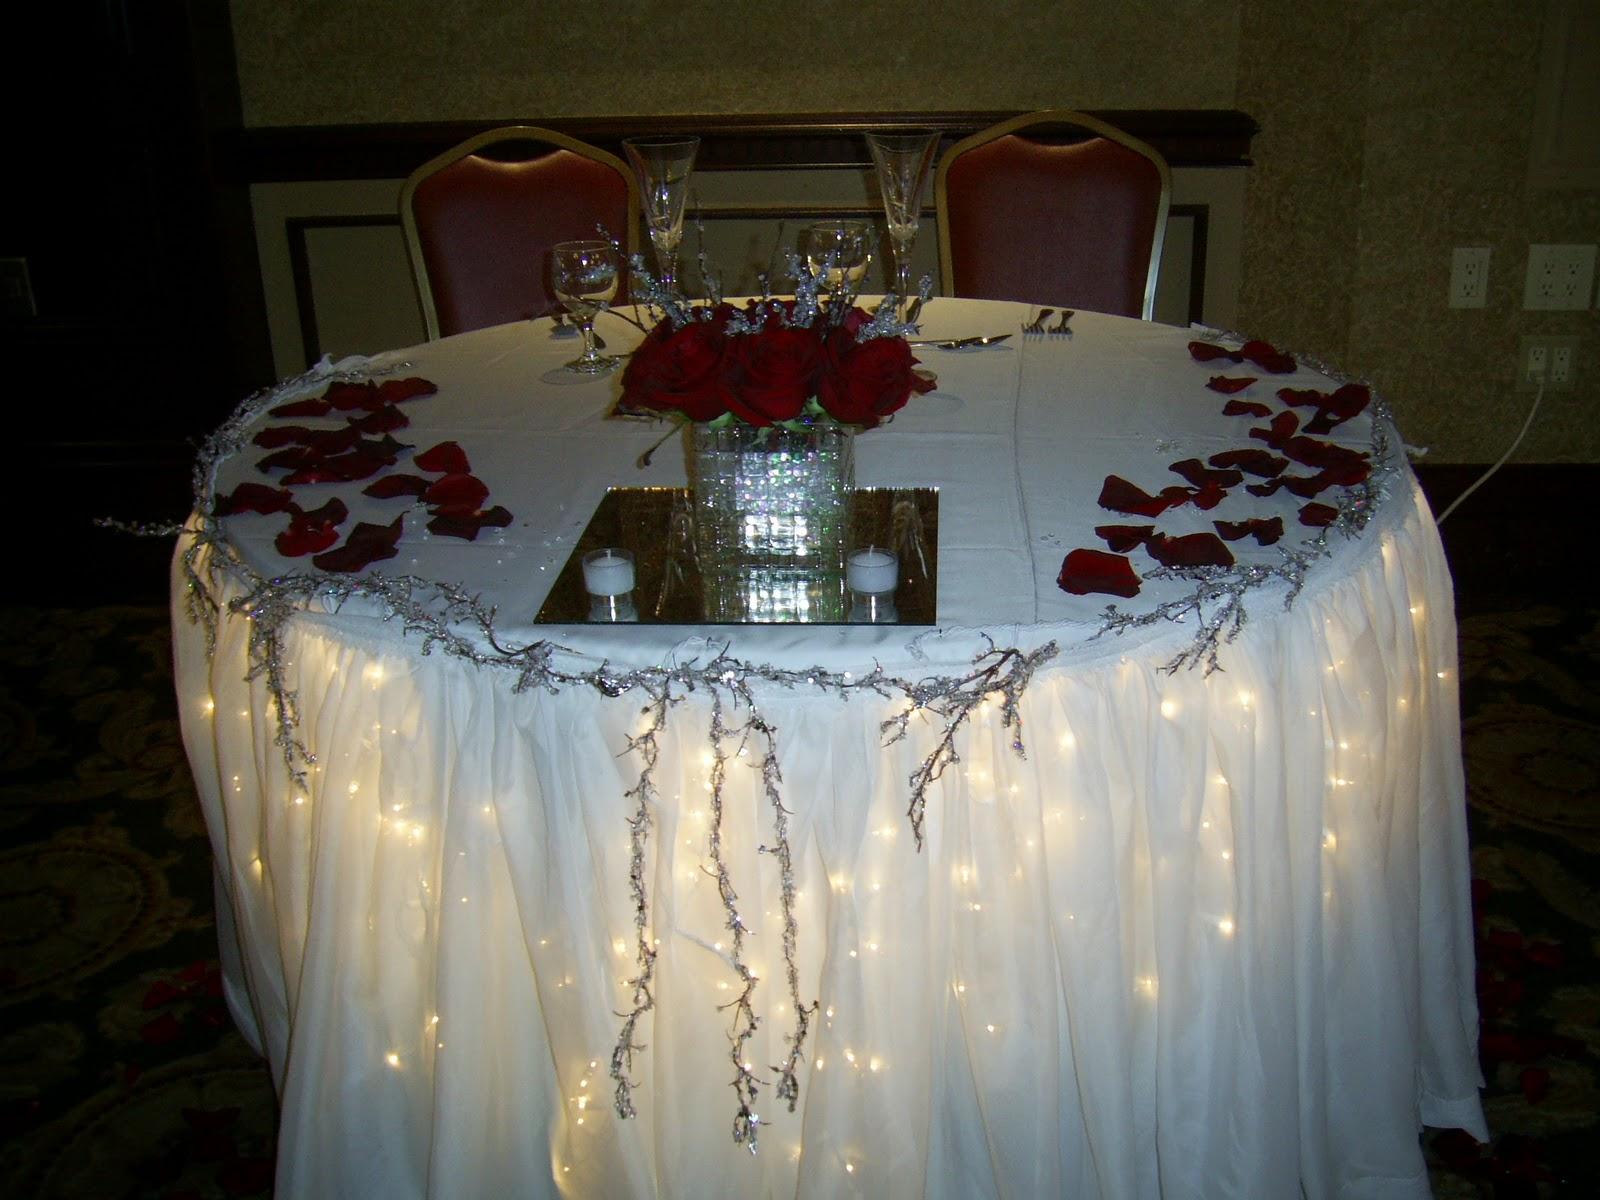 Bride Groom Table Decoration Similiar Bride And Groom Table Decoration Ideas Keywords